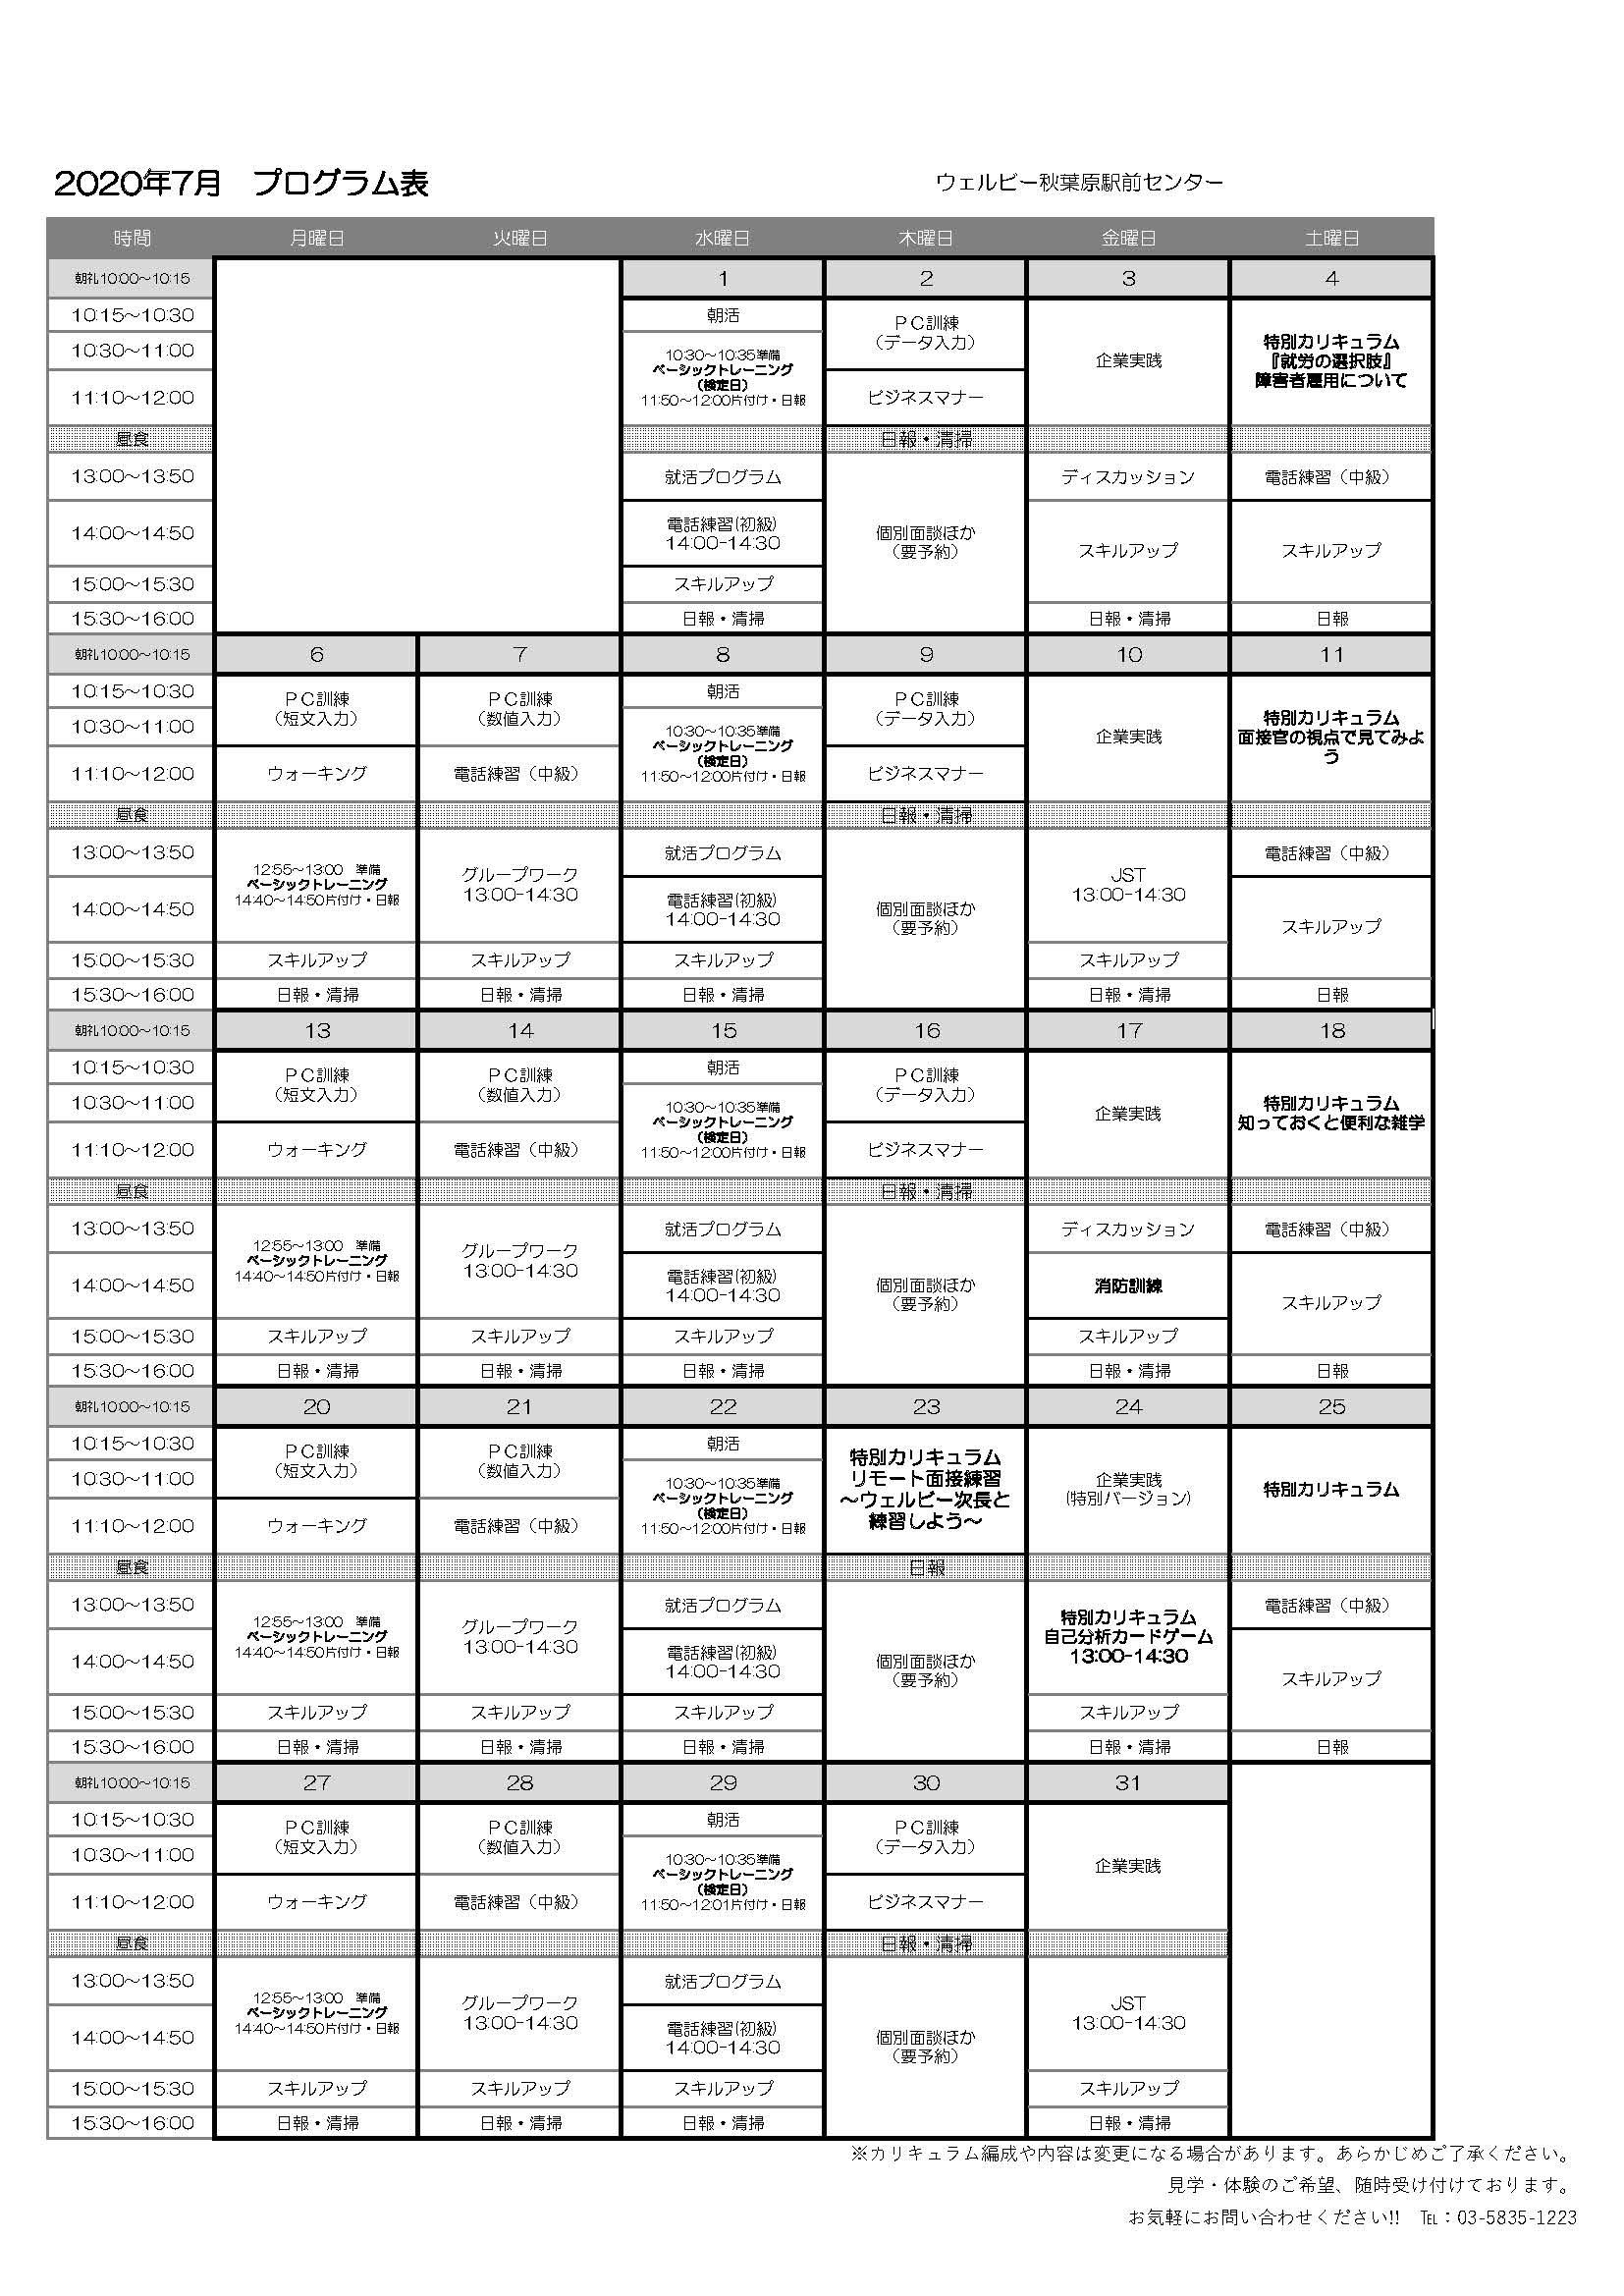 カリキュラム表(2020年7月)